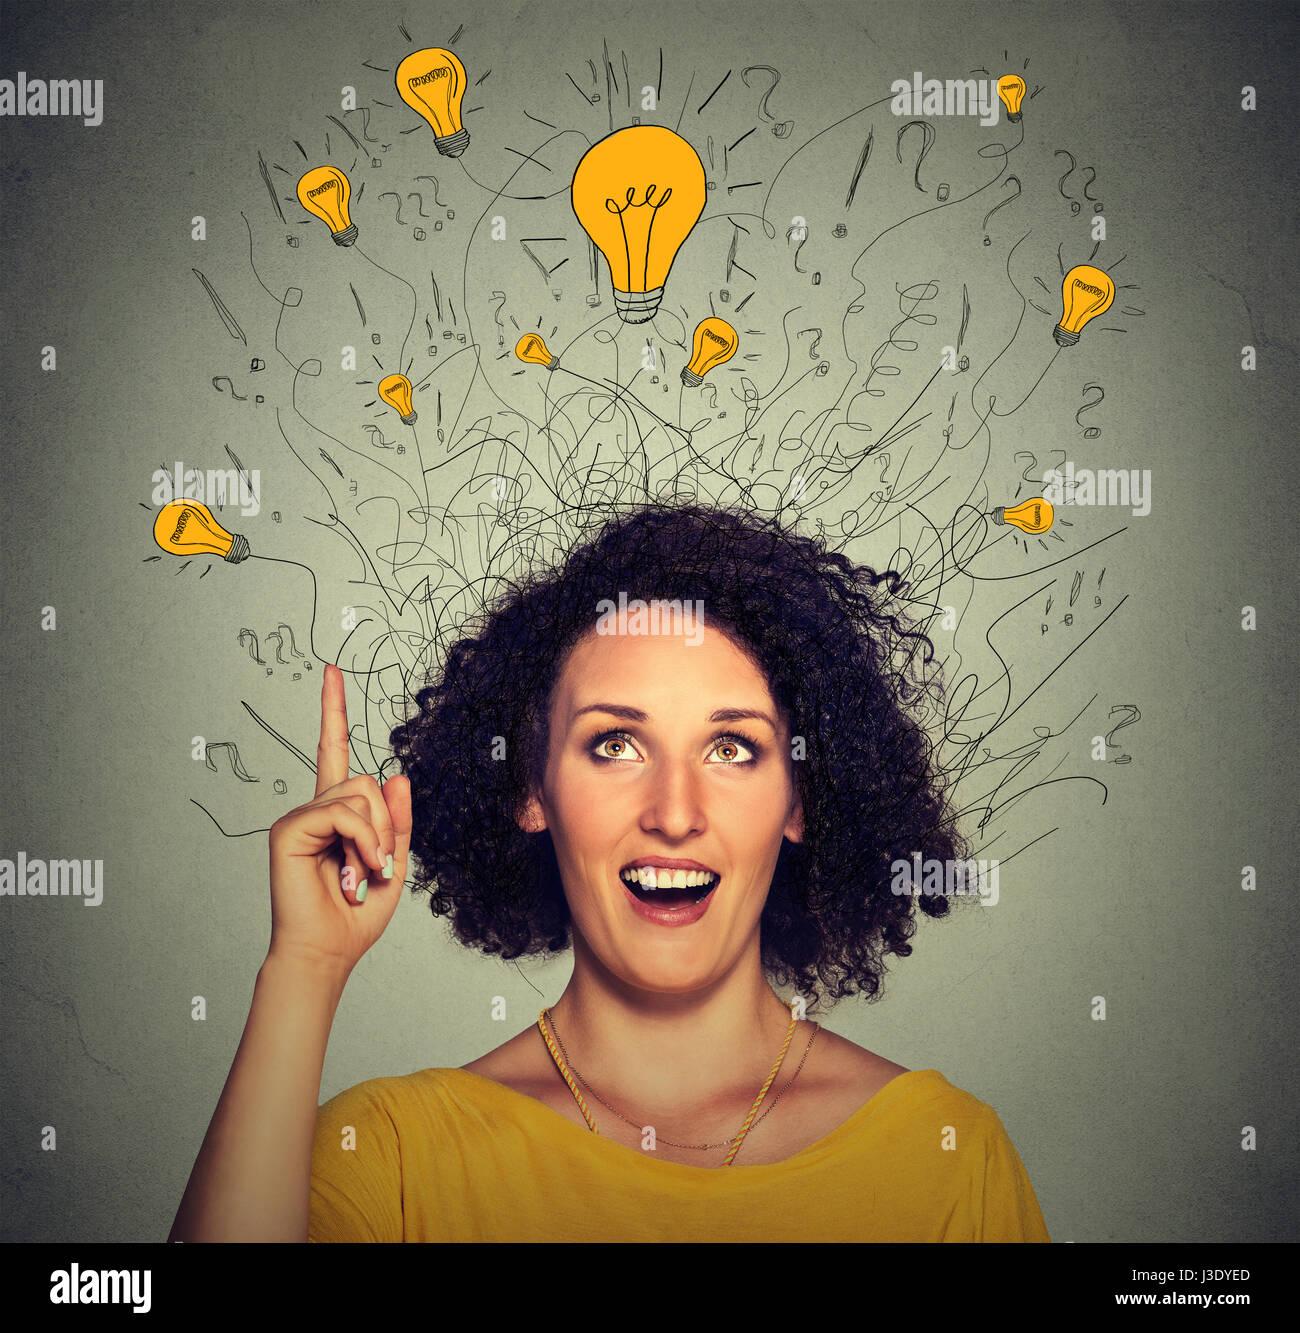 Closeup Emocionados mujer con bombillas de luz muchas ideas sobre la cabeza mirando hacia arriba un dedo arriba Imagen De Stock